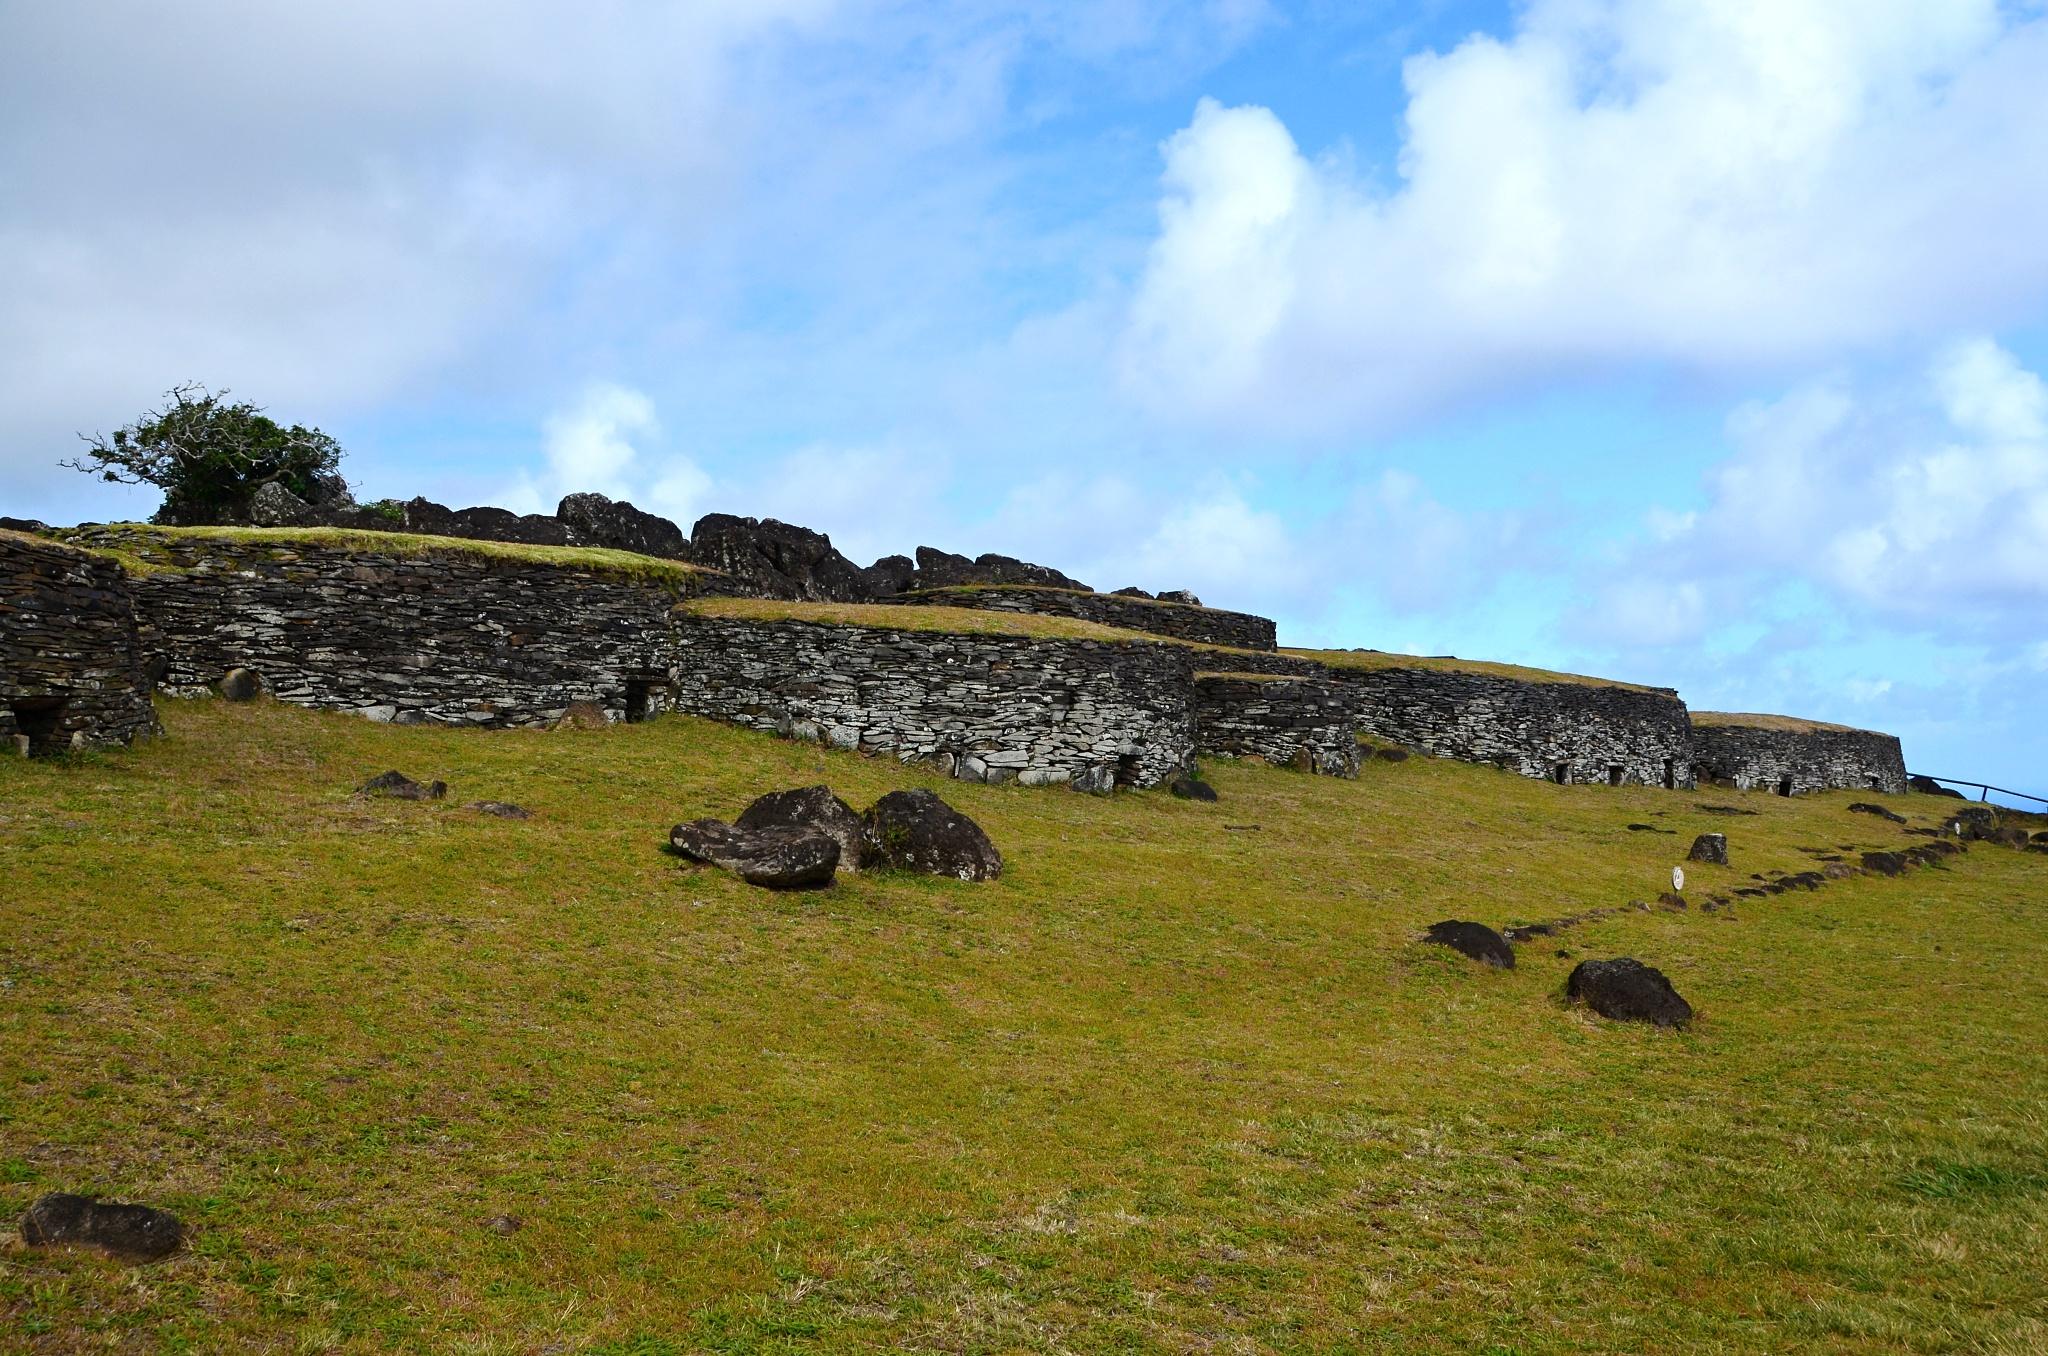 Kamenné stavby v Orongu